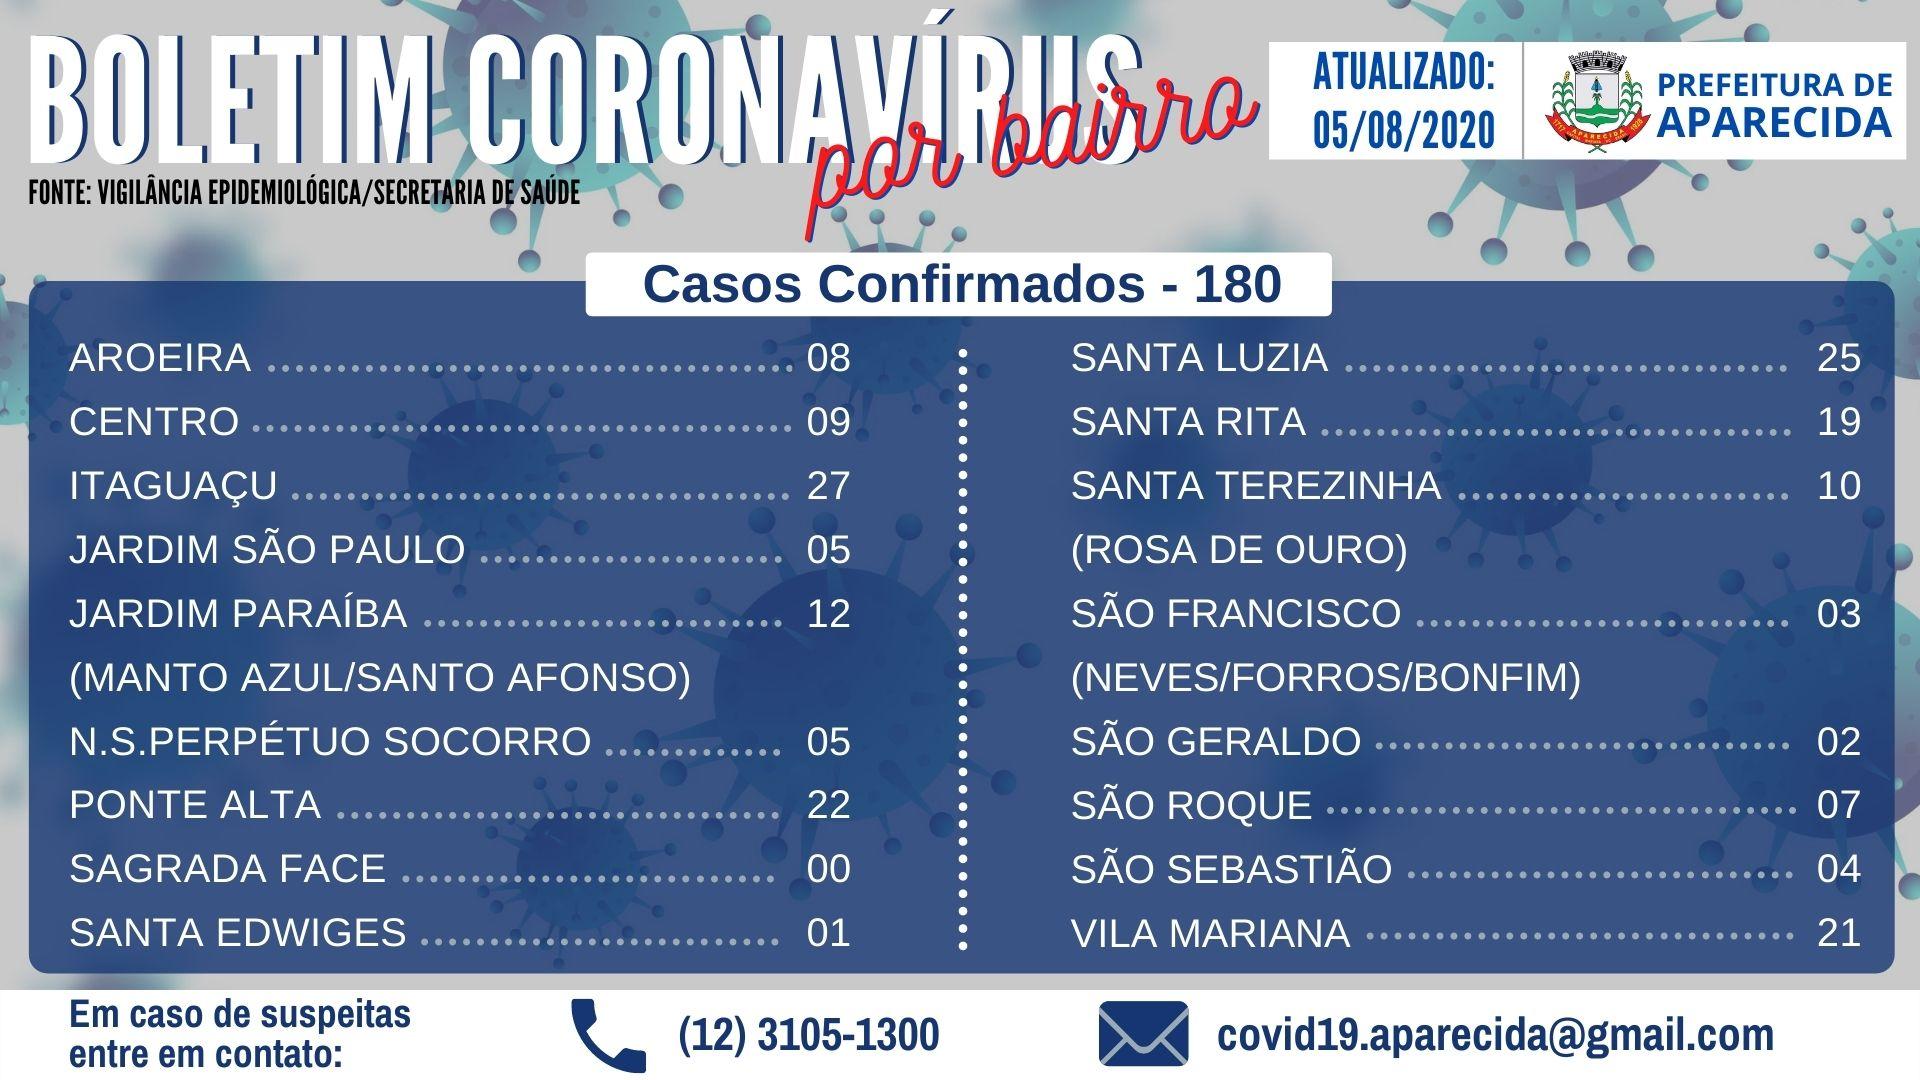 Boletim Coronavírus por bairro (4)